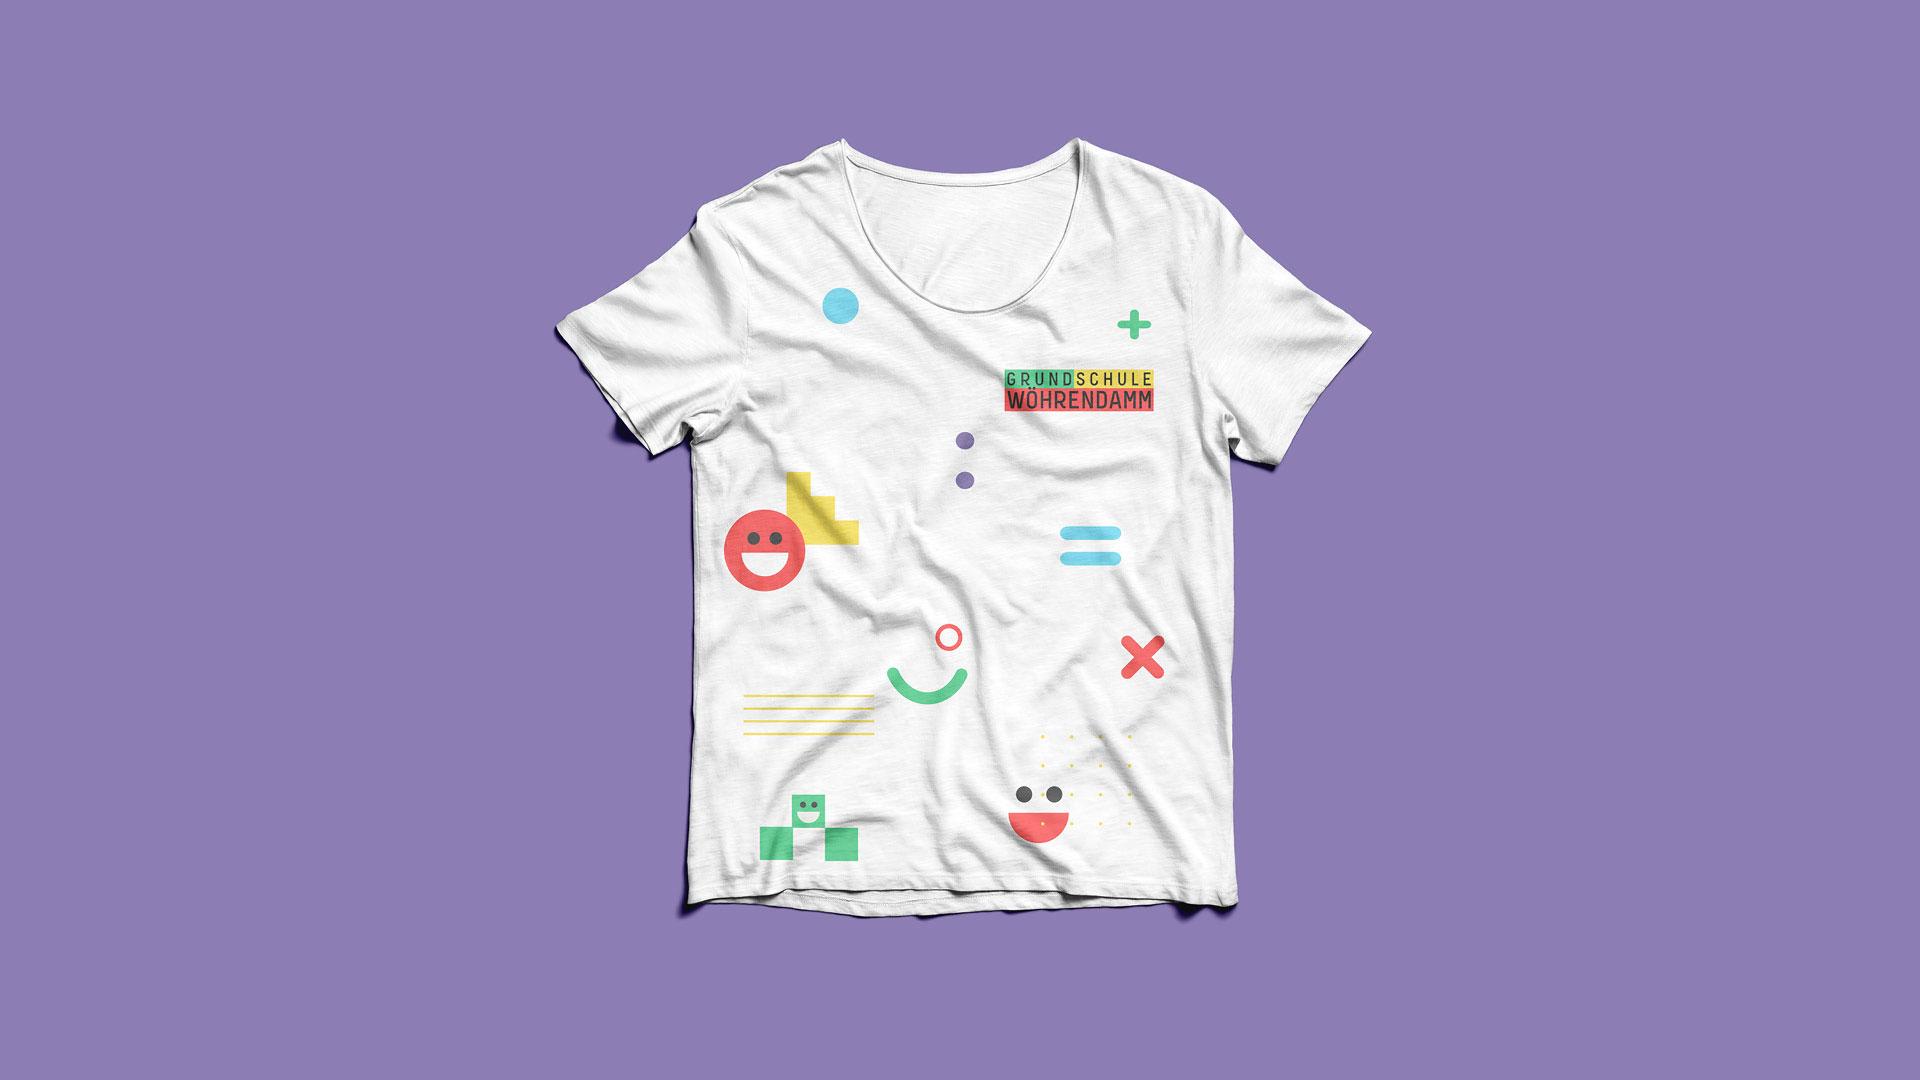 Grundschule Wöhrendamm Merchandise T-Shirt